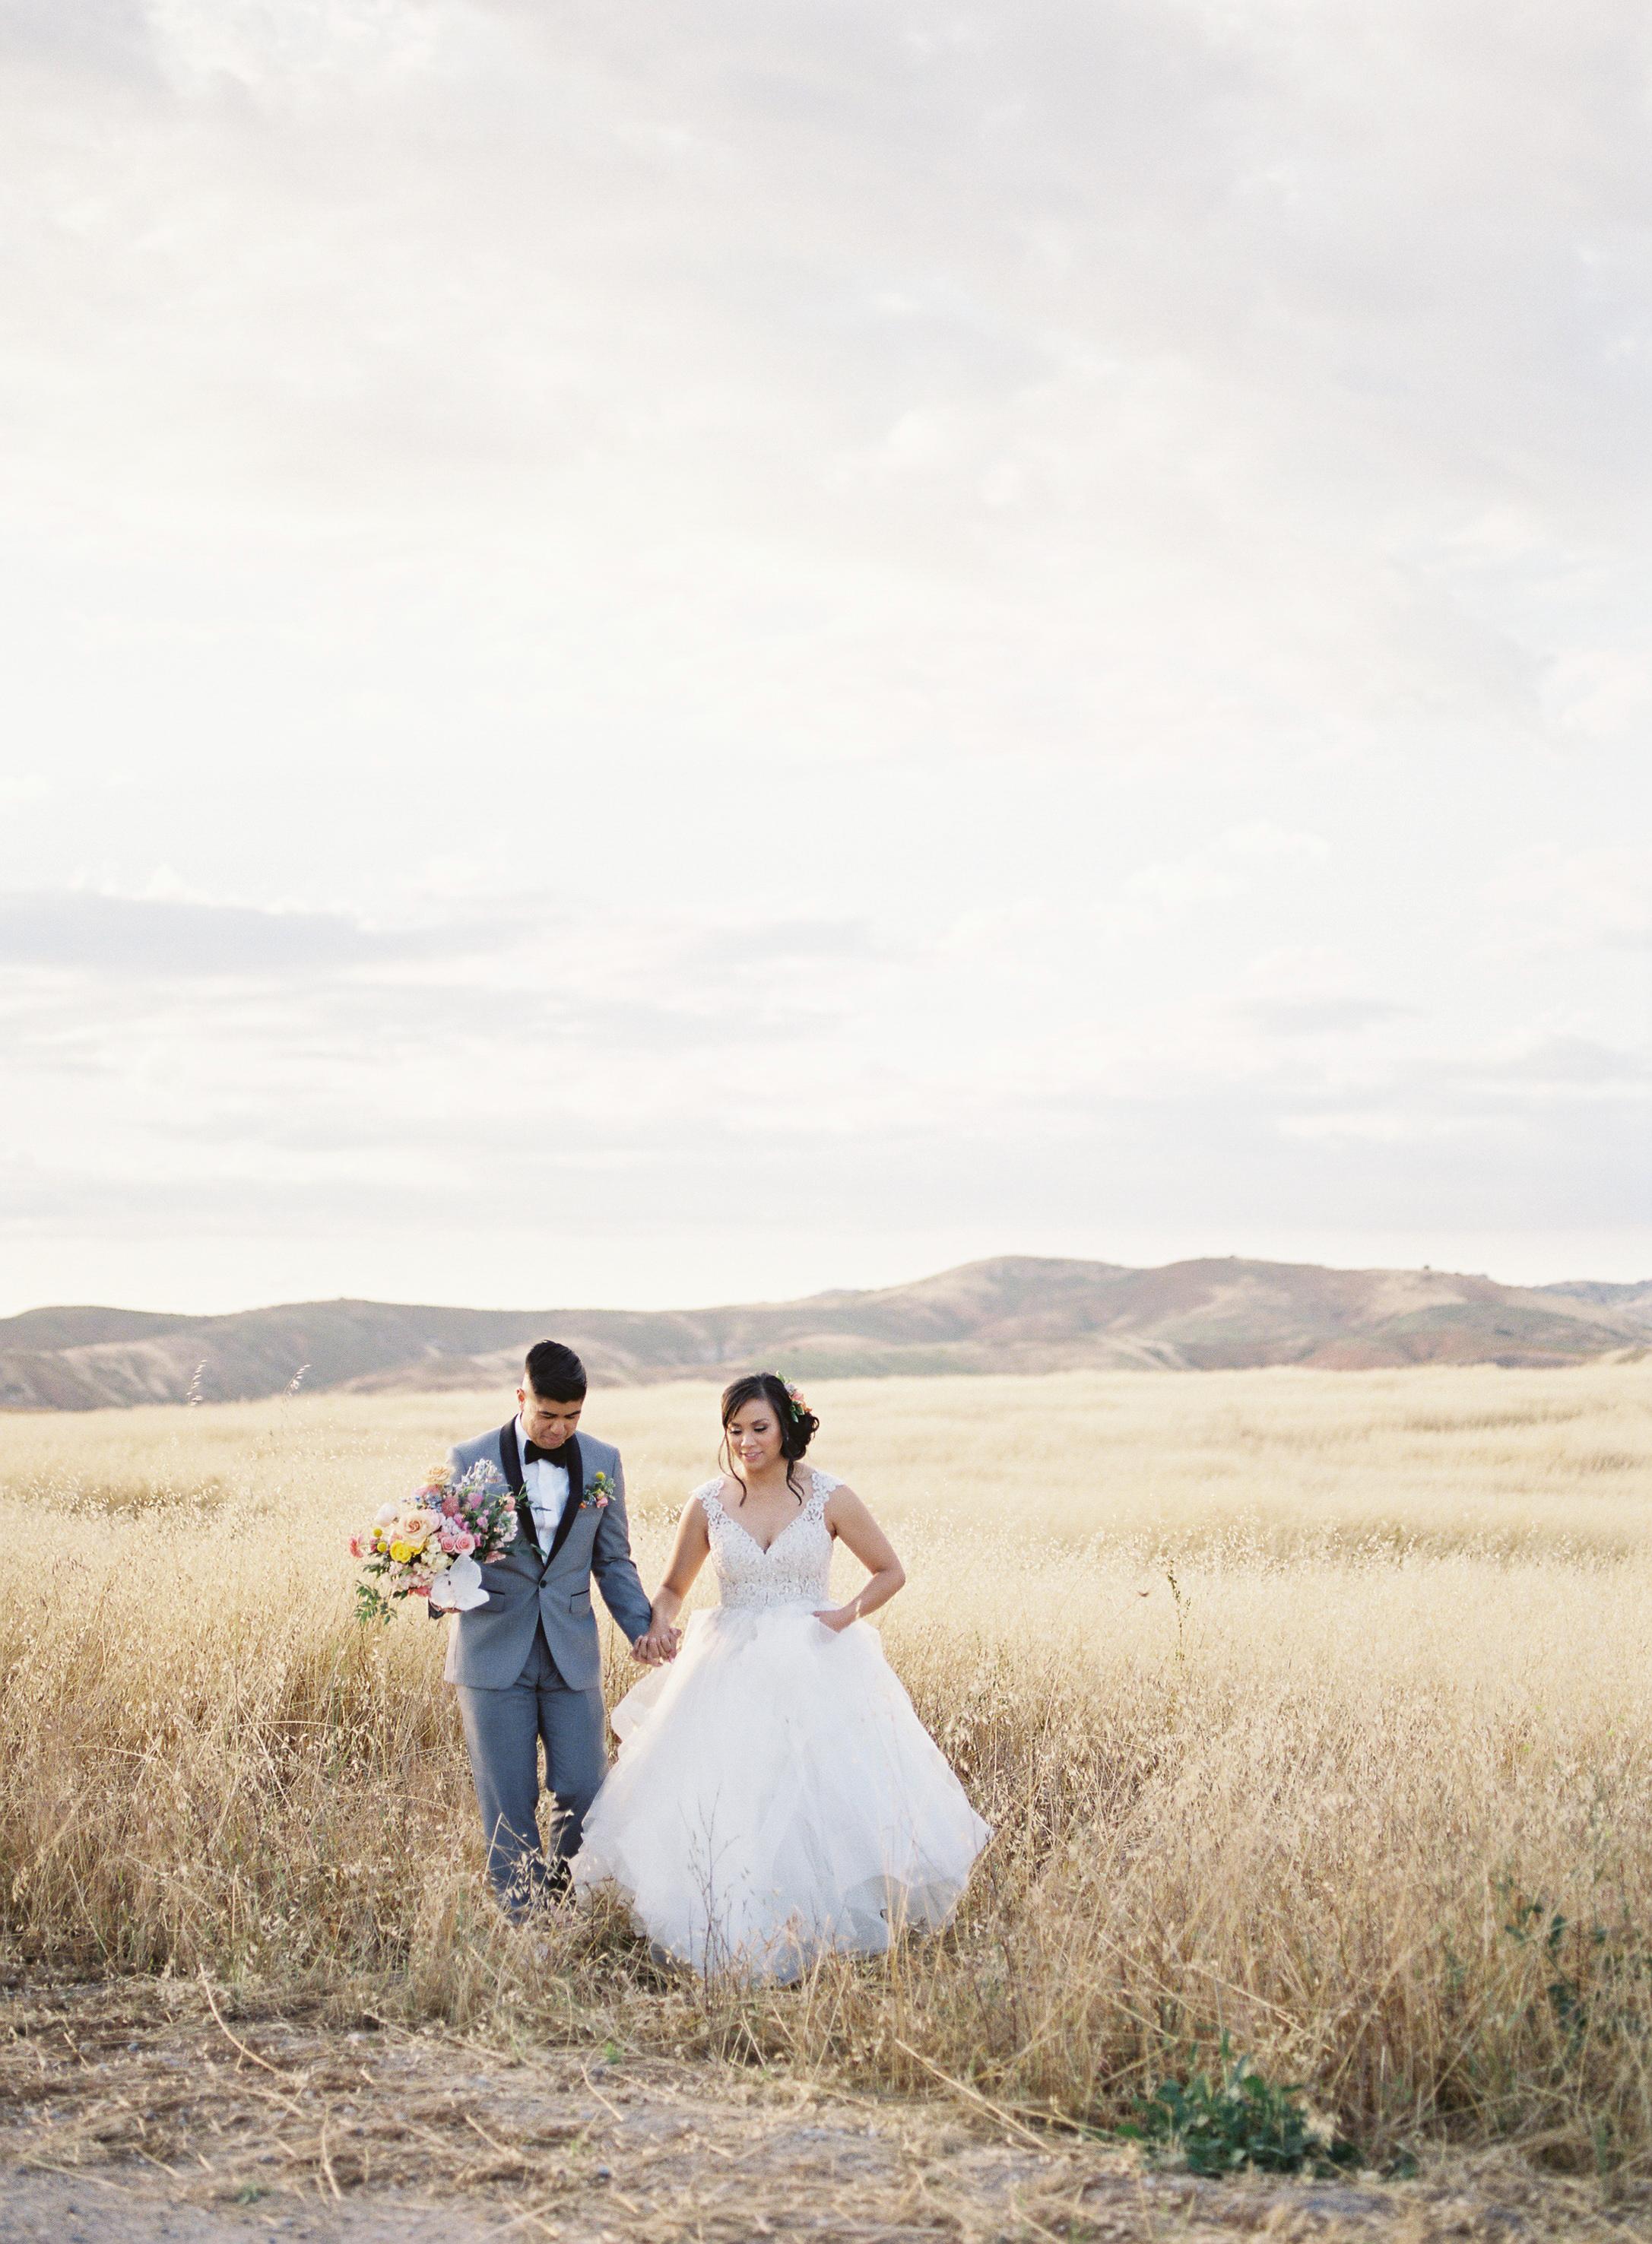 Portia-Lloyd-Wedding-Film-155.jpg